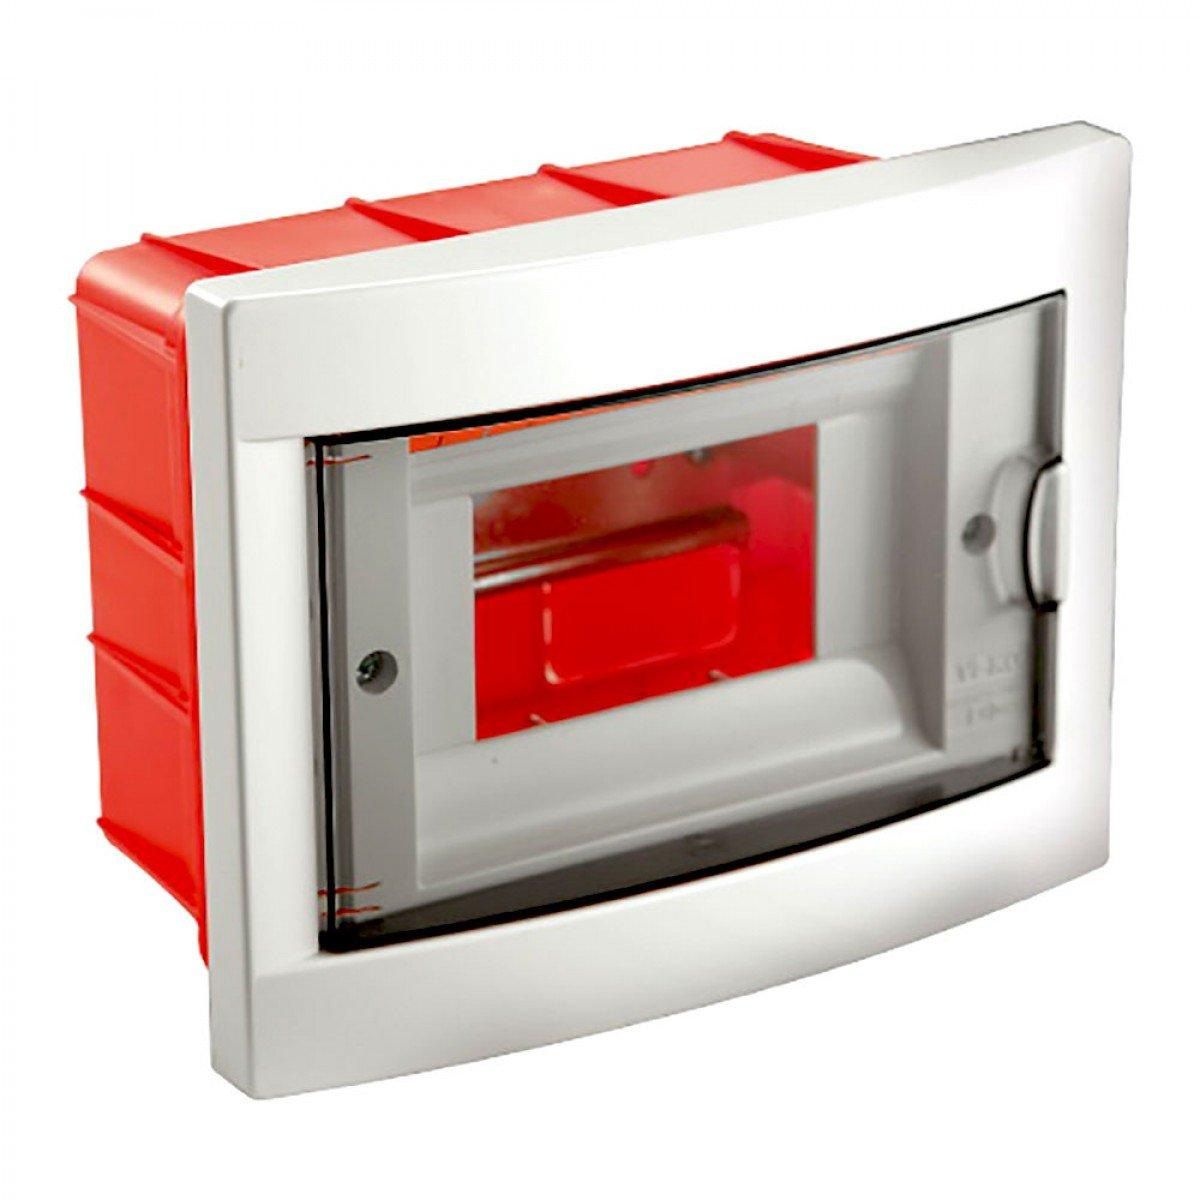 DE-PA ELECTRIC Щиток на 6 автоматов скрытой установки